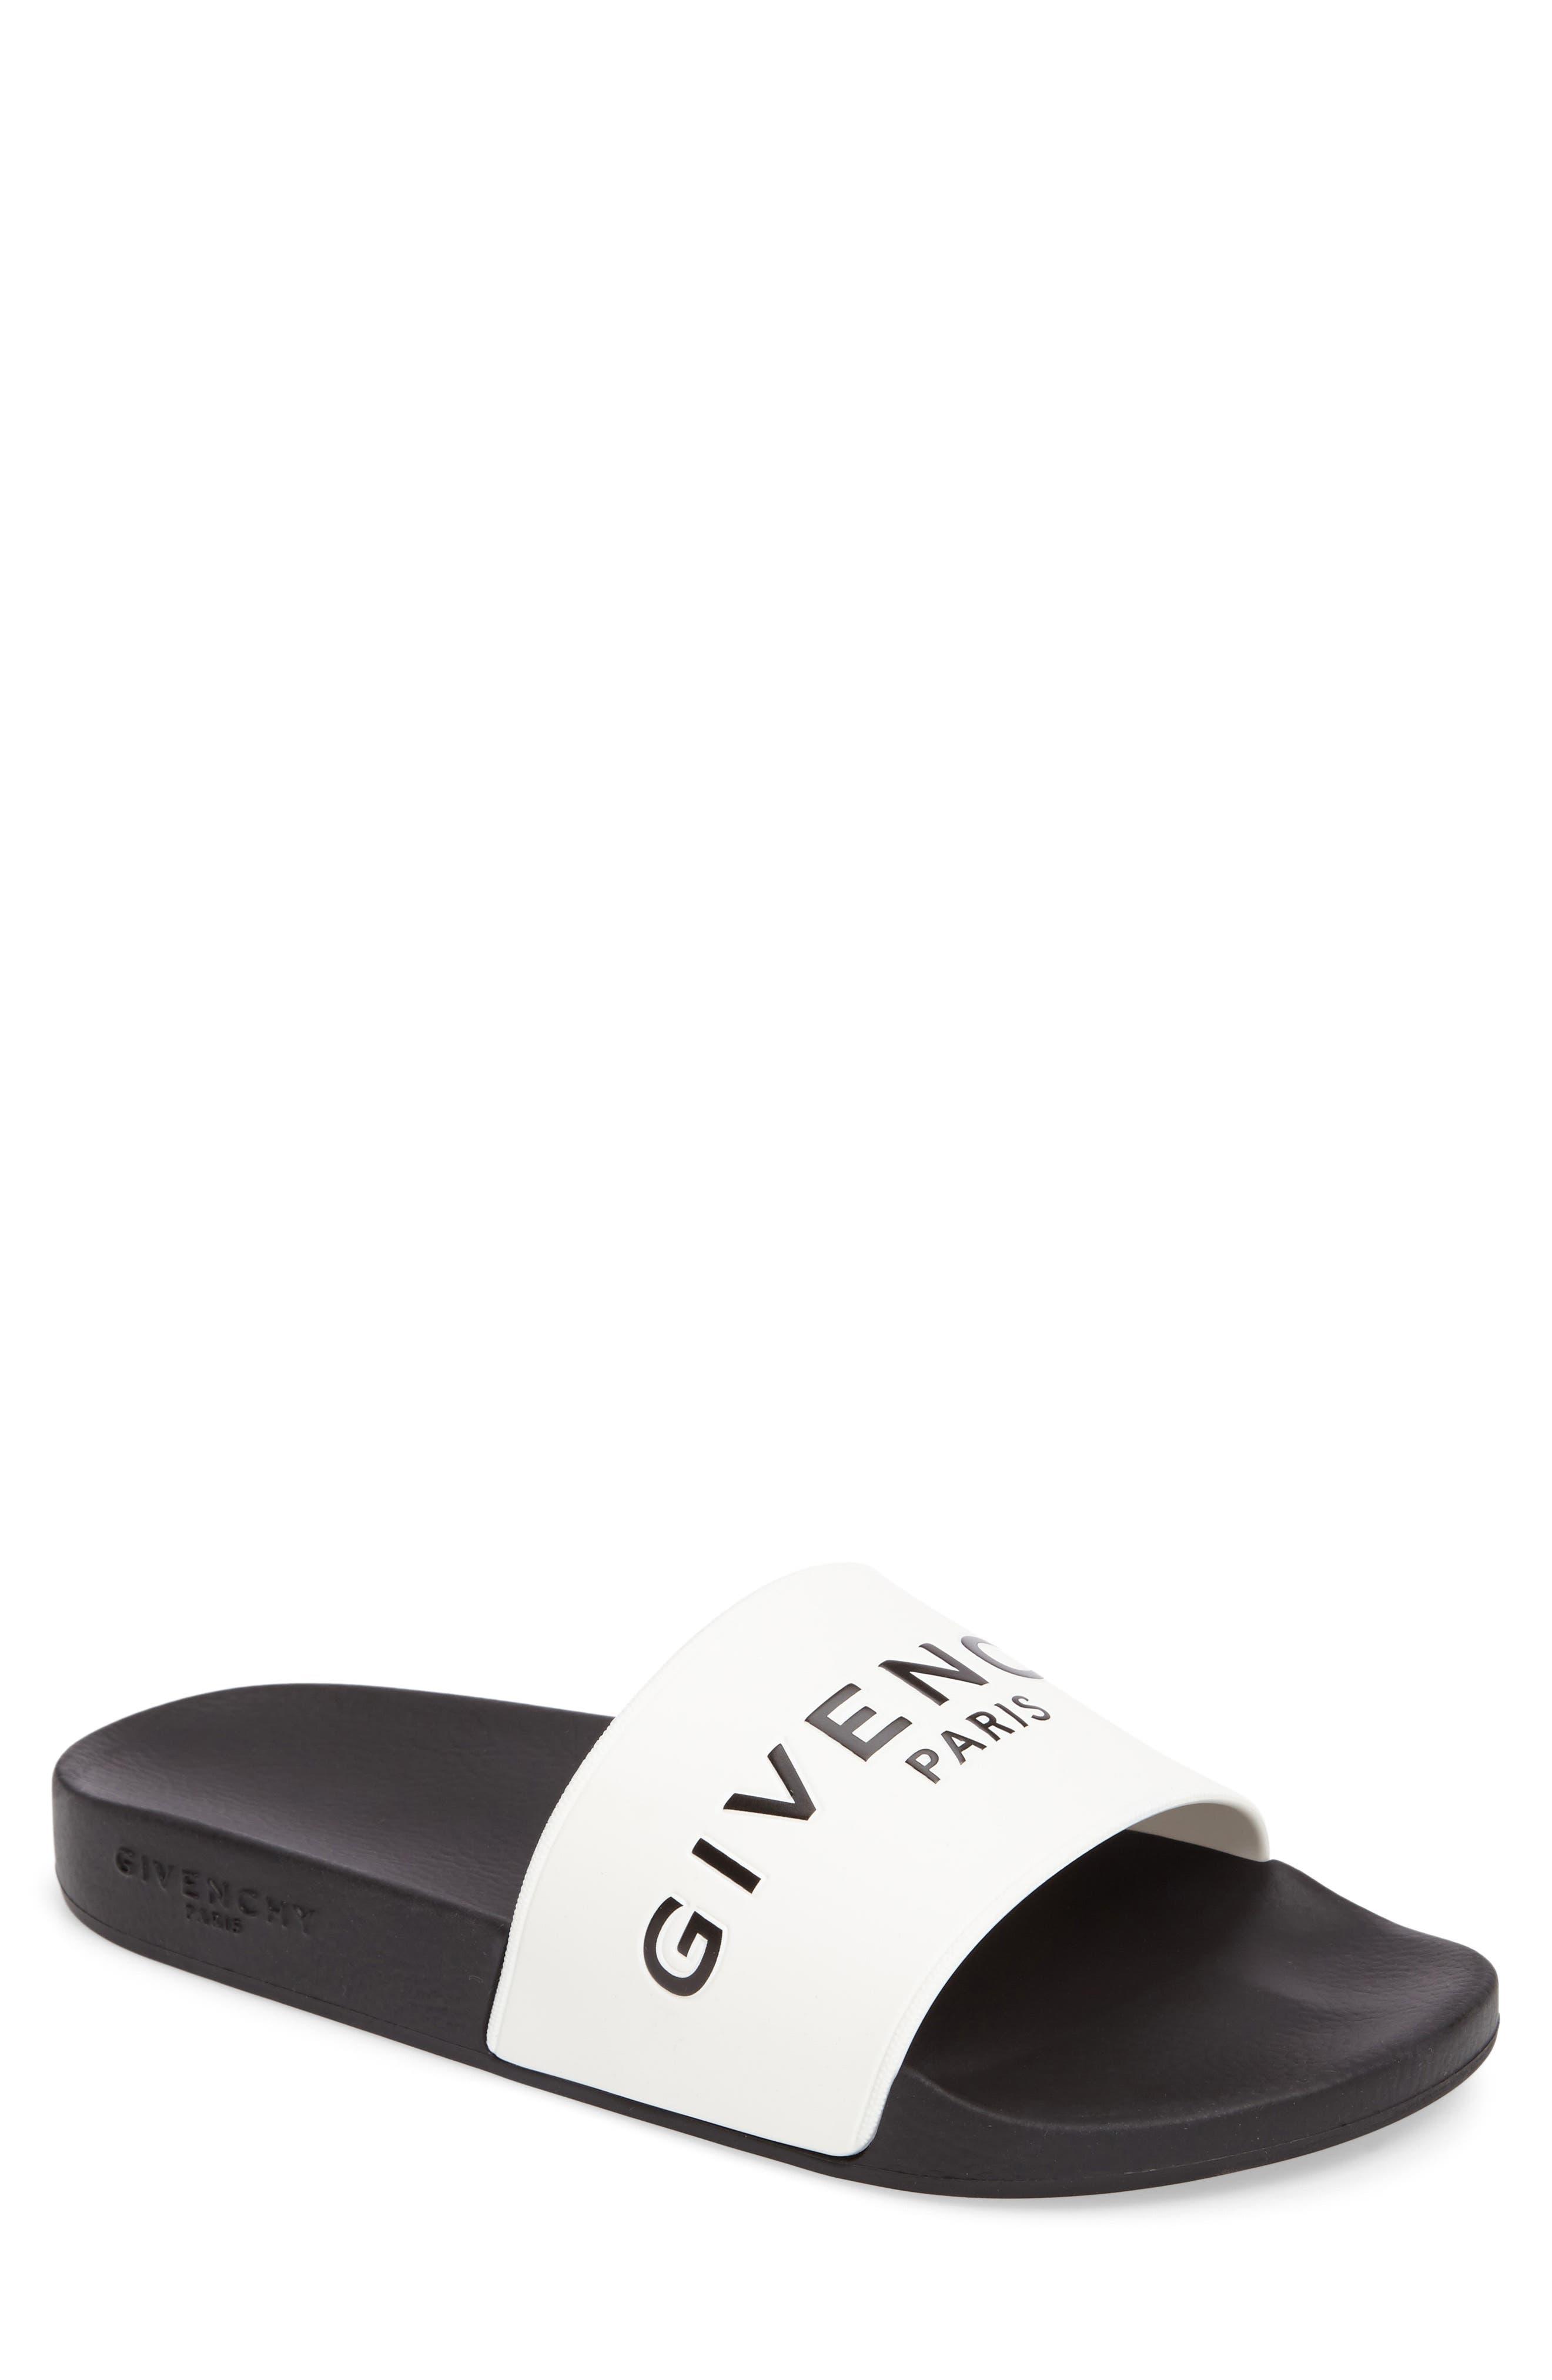 Main Image - Givenchy Slide Sandal (Men)